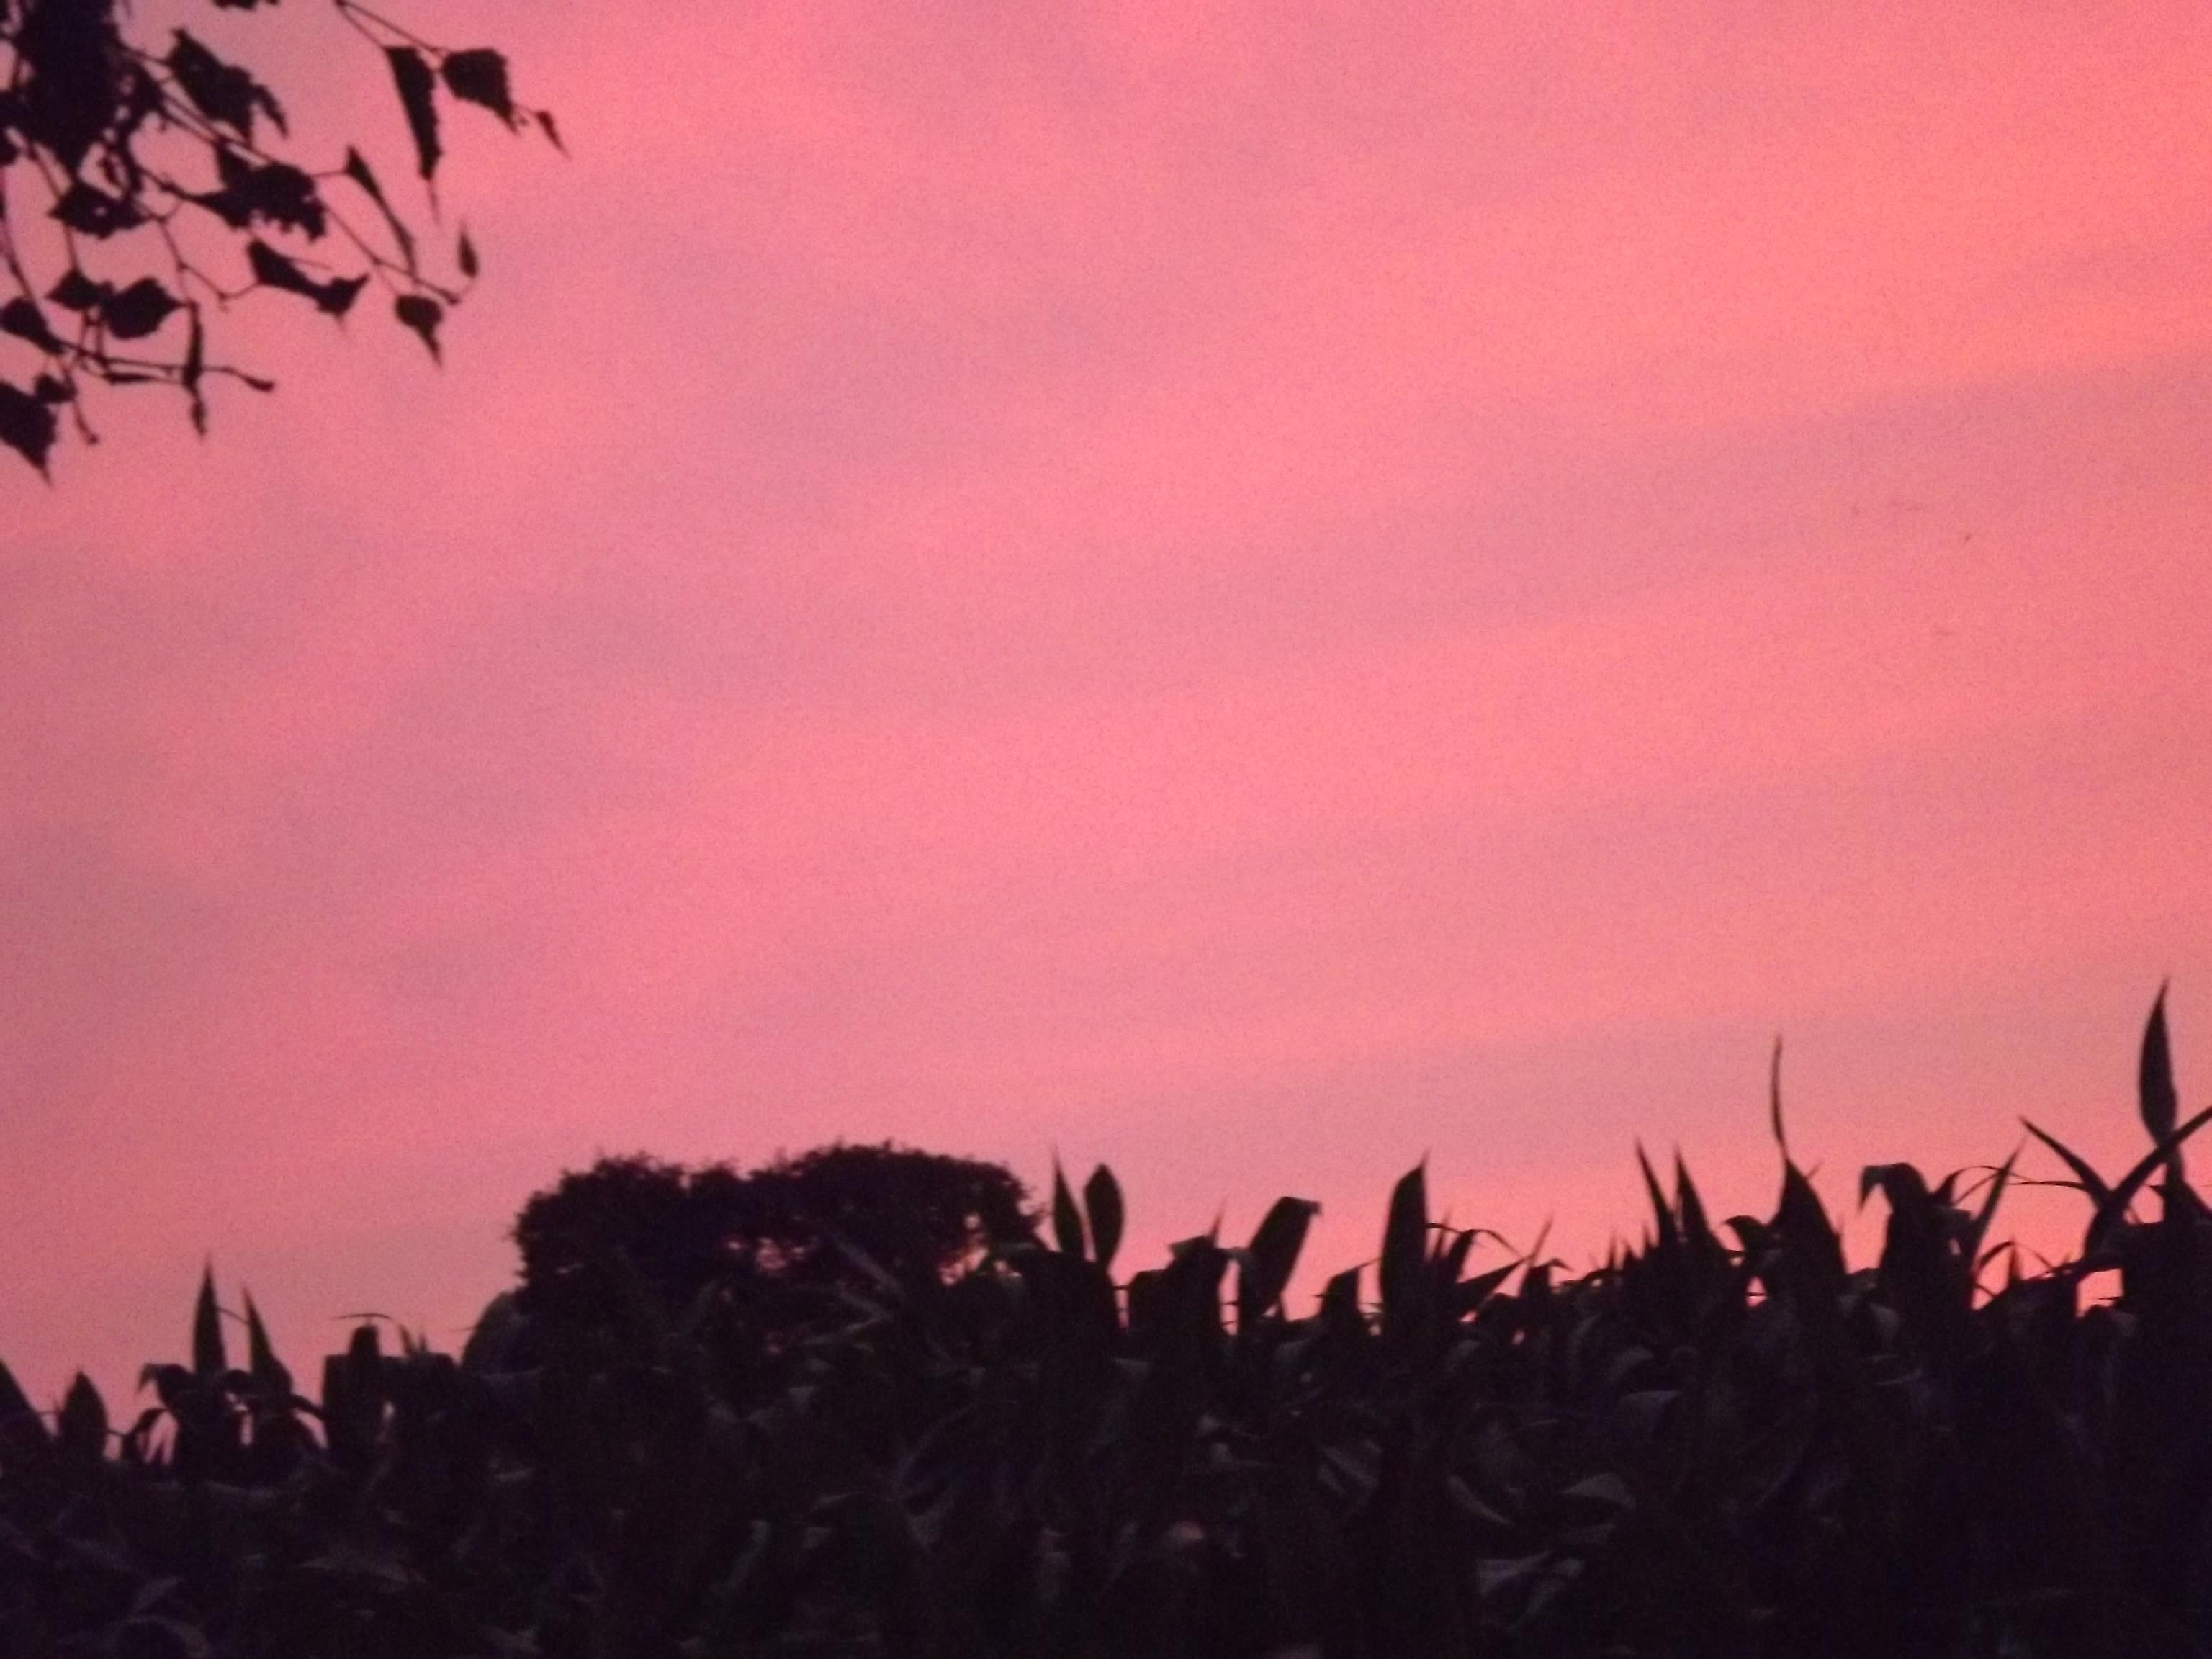 6273-himmel-wolken-rosa-blau-silhouette